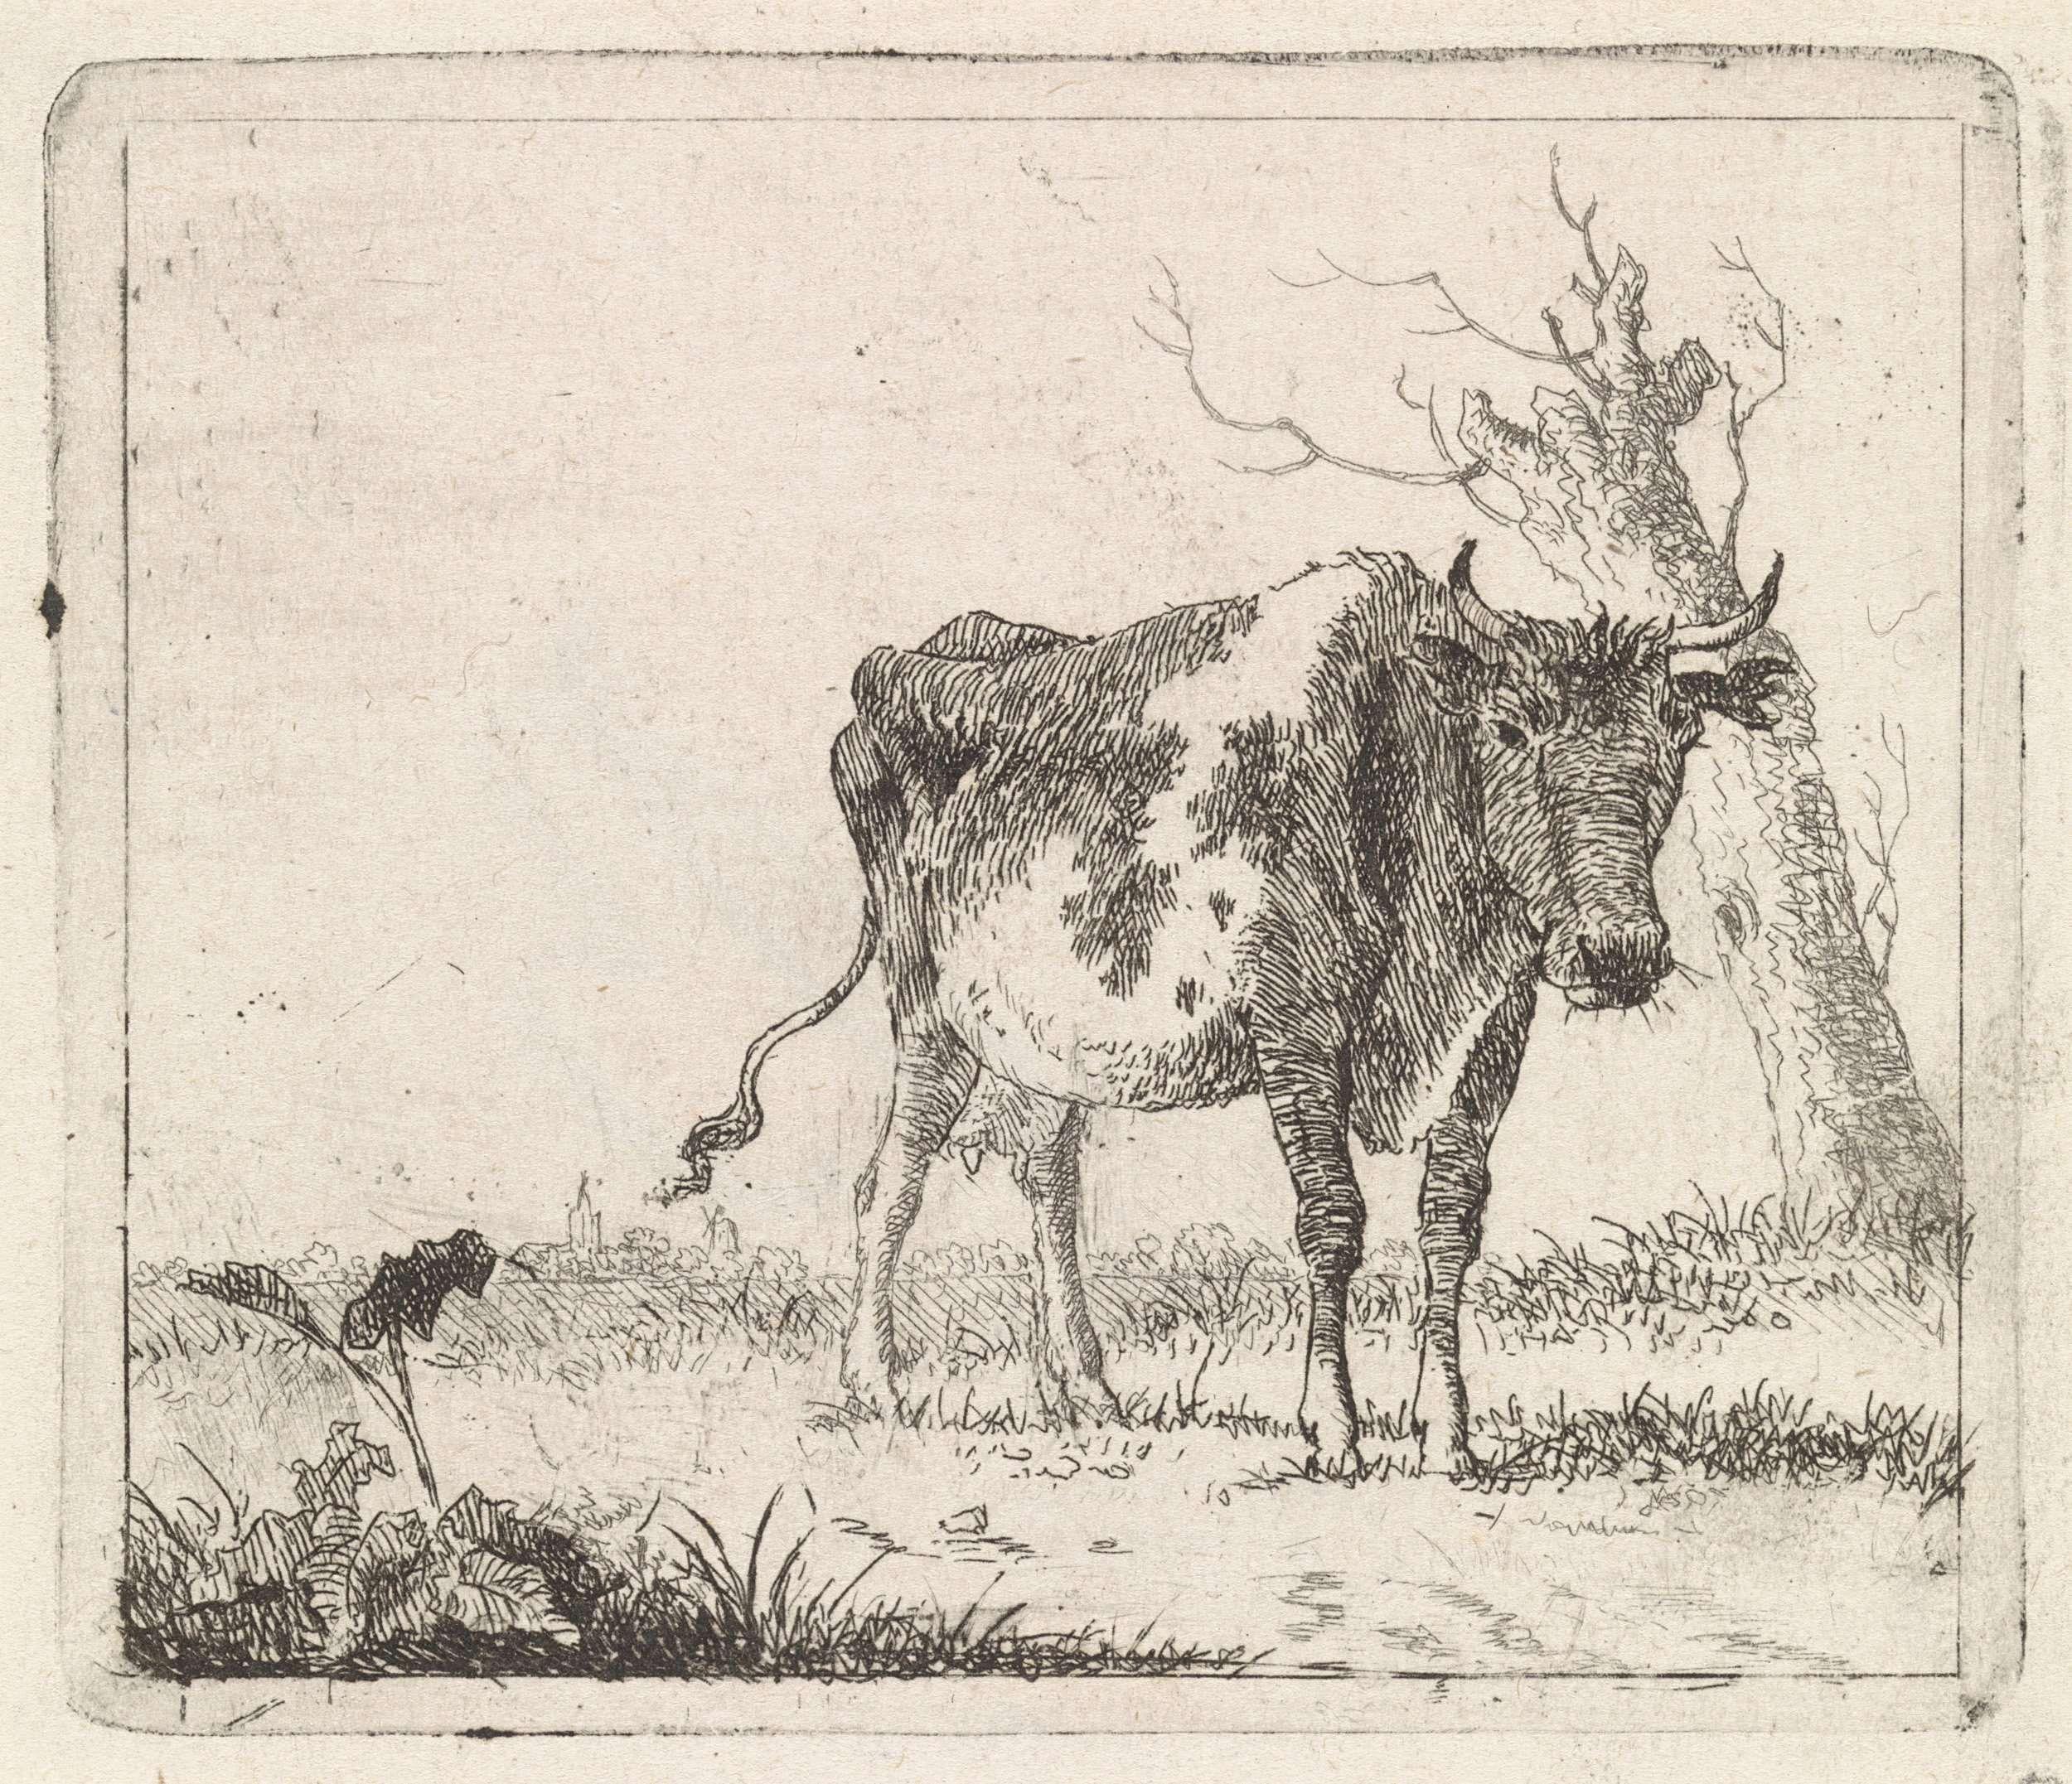 Johannes Christiaan Janson   Koe staand in weiland, Johannes Christiaan Janson, 1778 - 1823   Koe staand in weiland, naar rechts. Rechts achter de koe een bladerloze wilg. Links op de achtergrond een dorp.